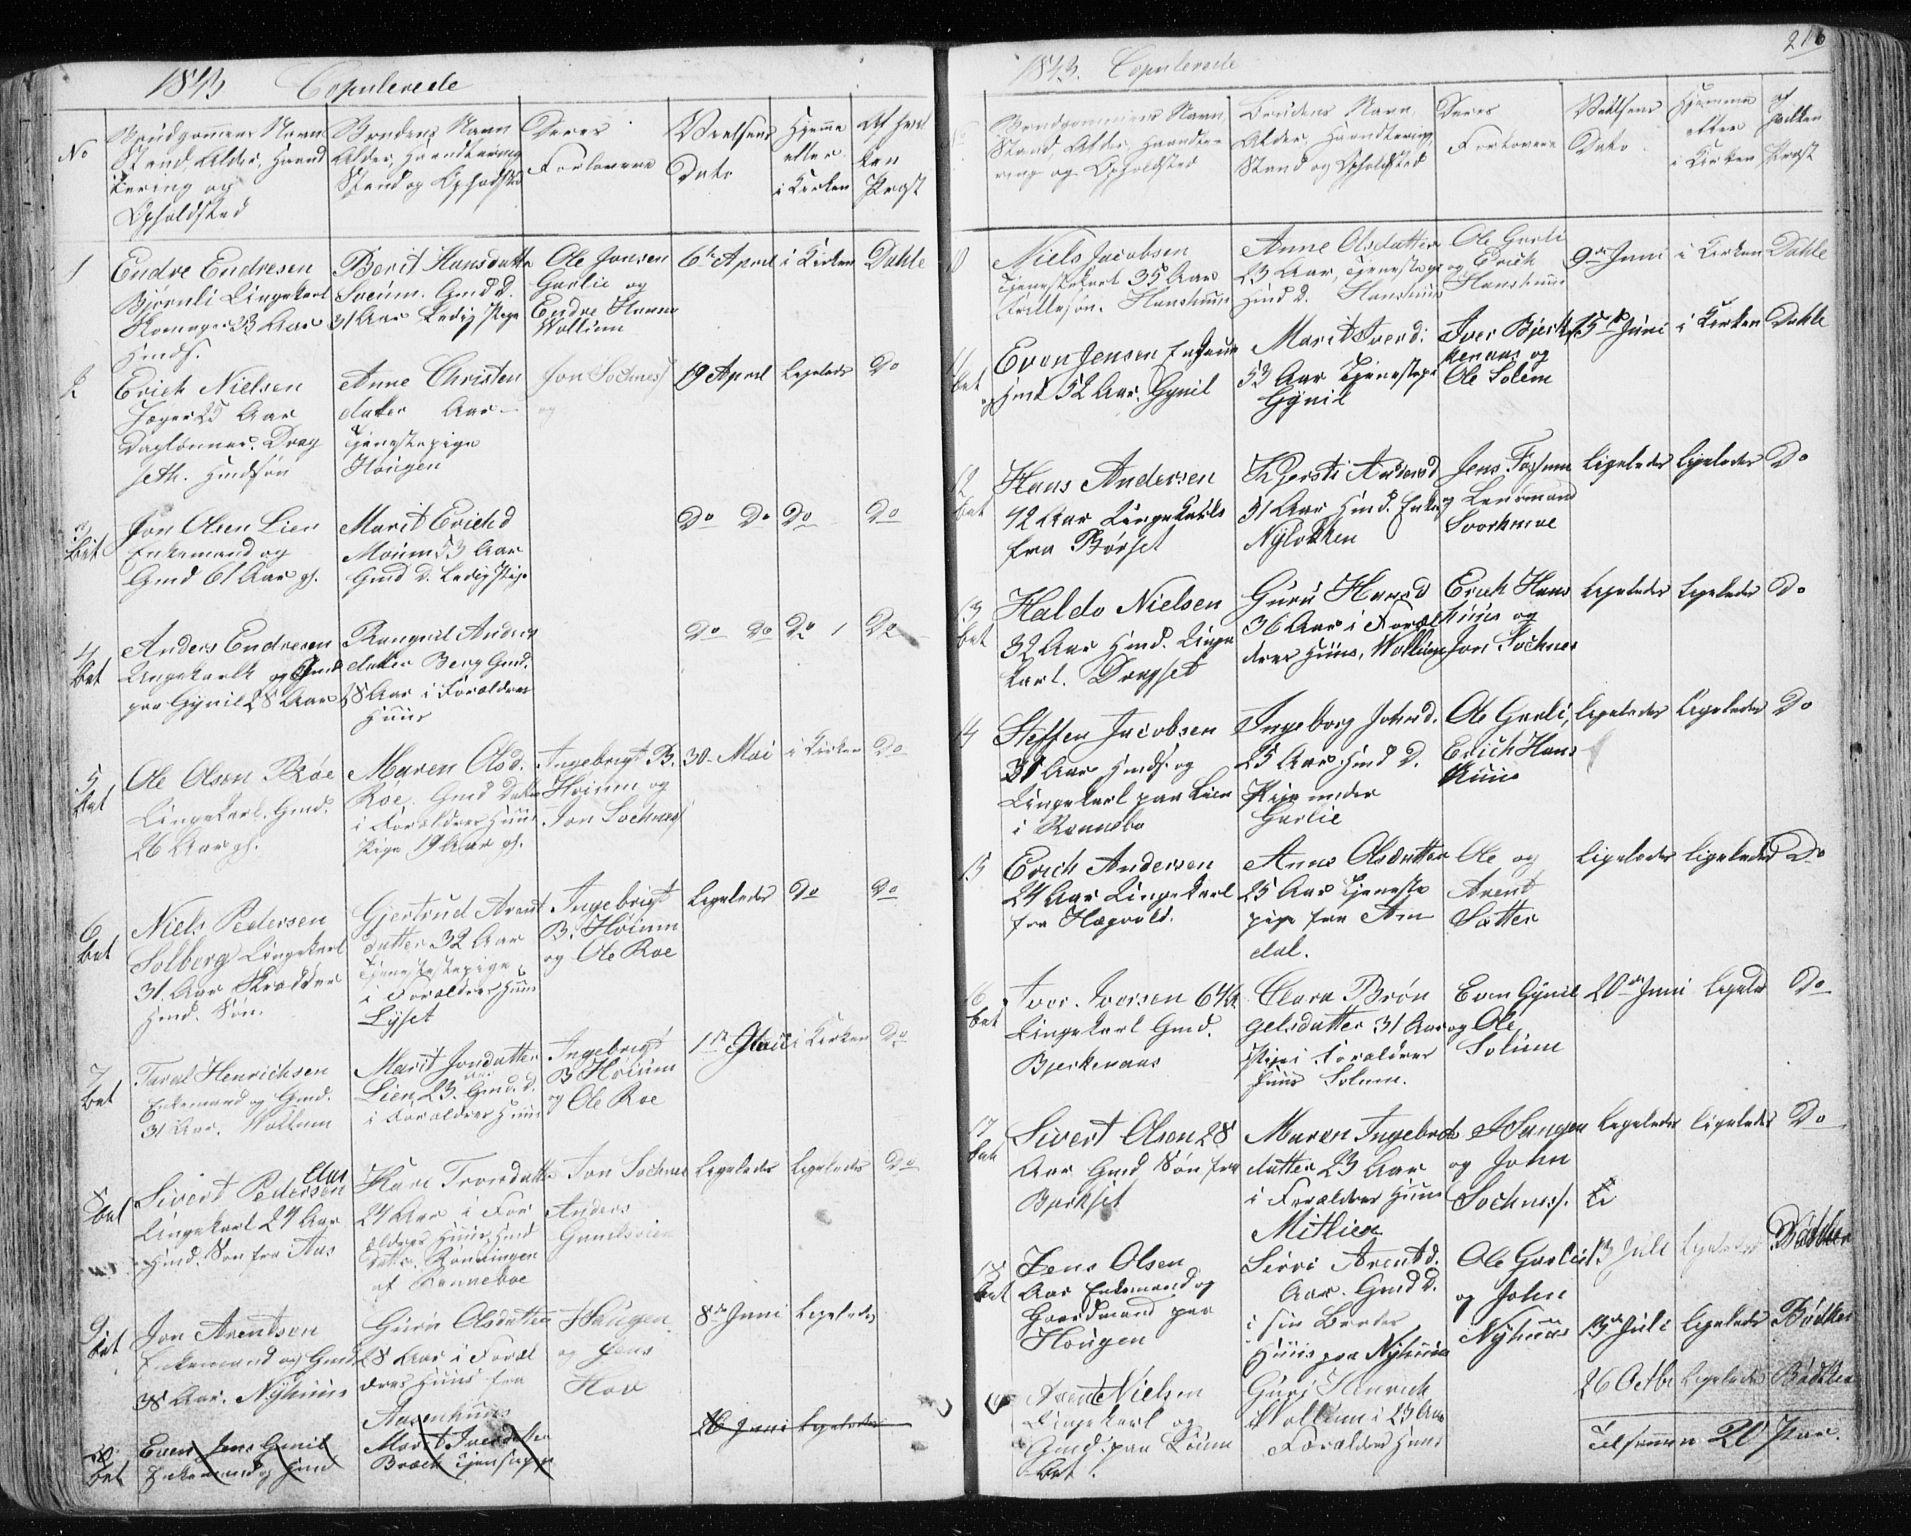 SAT, Ministerialprotokoller, klokkerbøker og fødselsregistre - Sør-Trøndelag, 689/L1043: Klokkerbok nr. 689C02, 1816-1892, s. 216